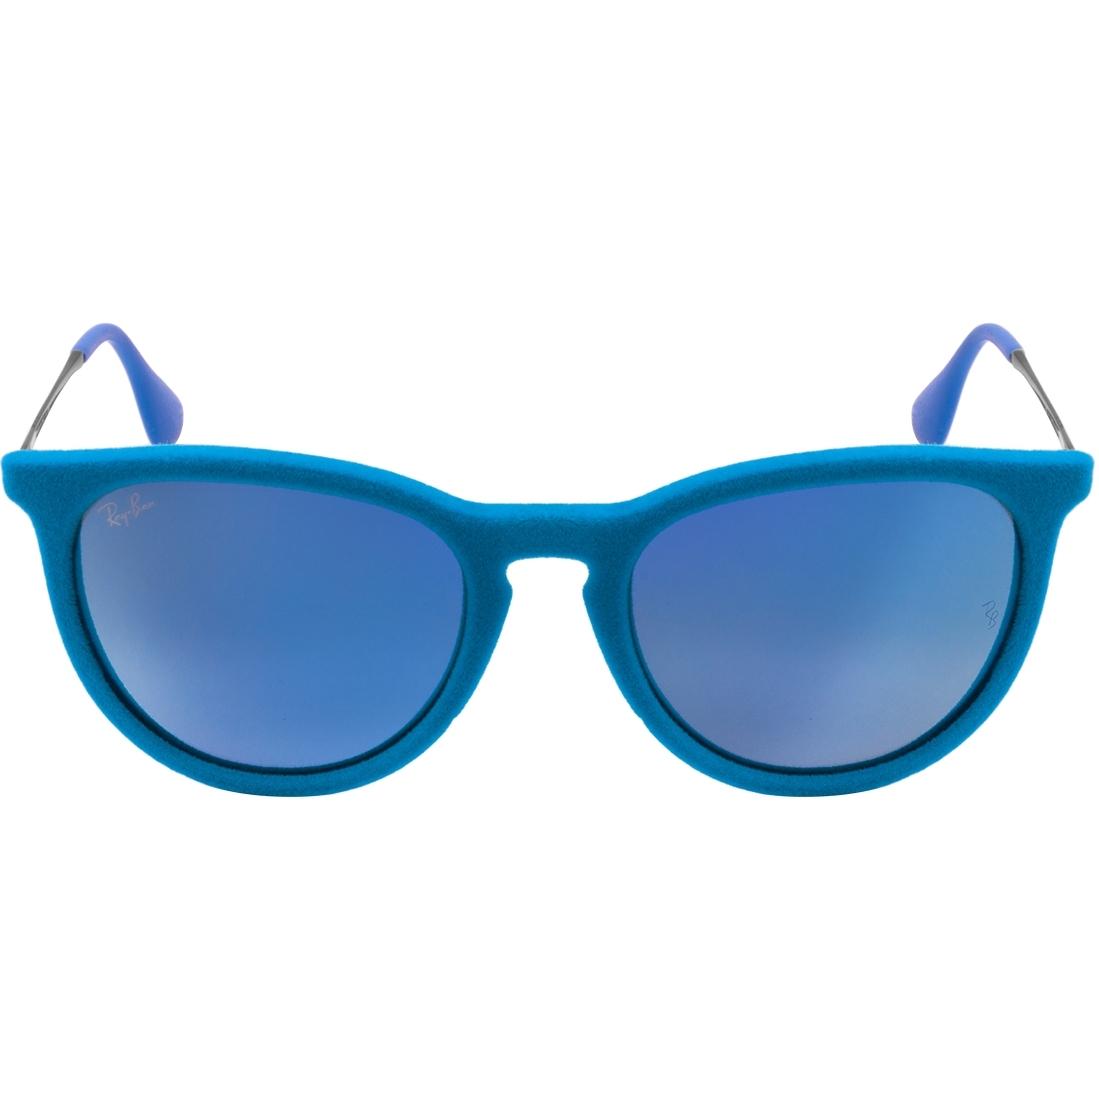 Atacados 25    Óculos Ray Ban Erika Velvet 4171 - Modelo Feminino com Armação  Azul Veludo Lentes Espelhadas fd196eb40f